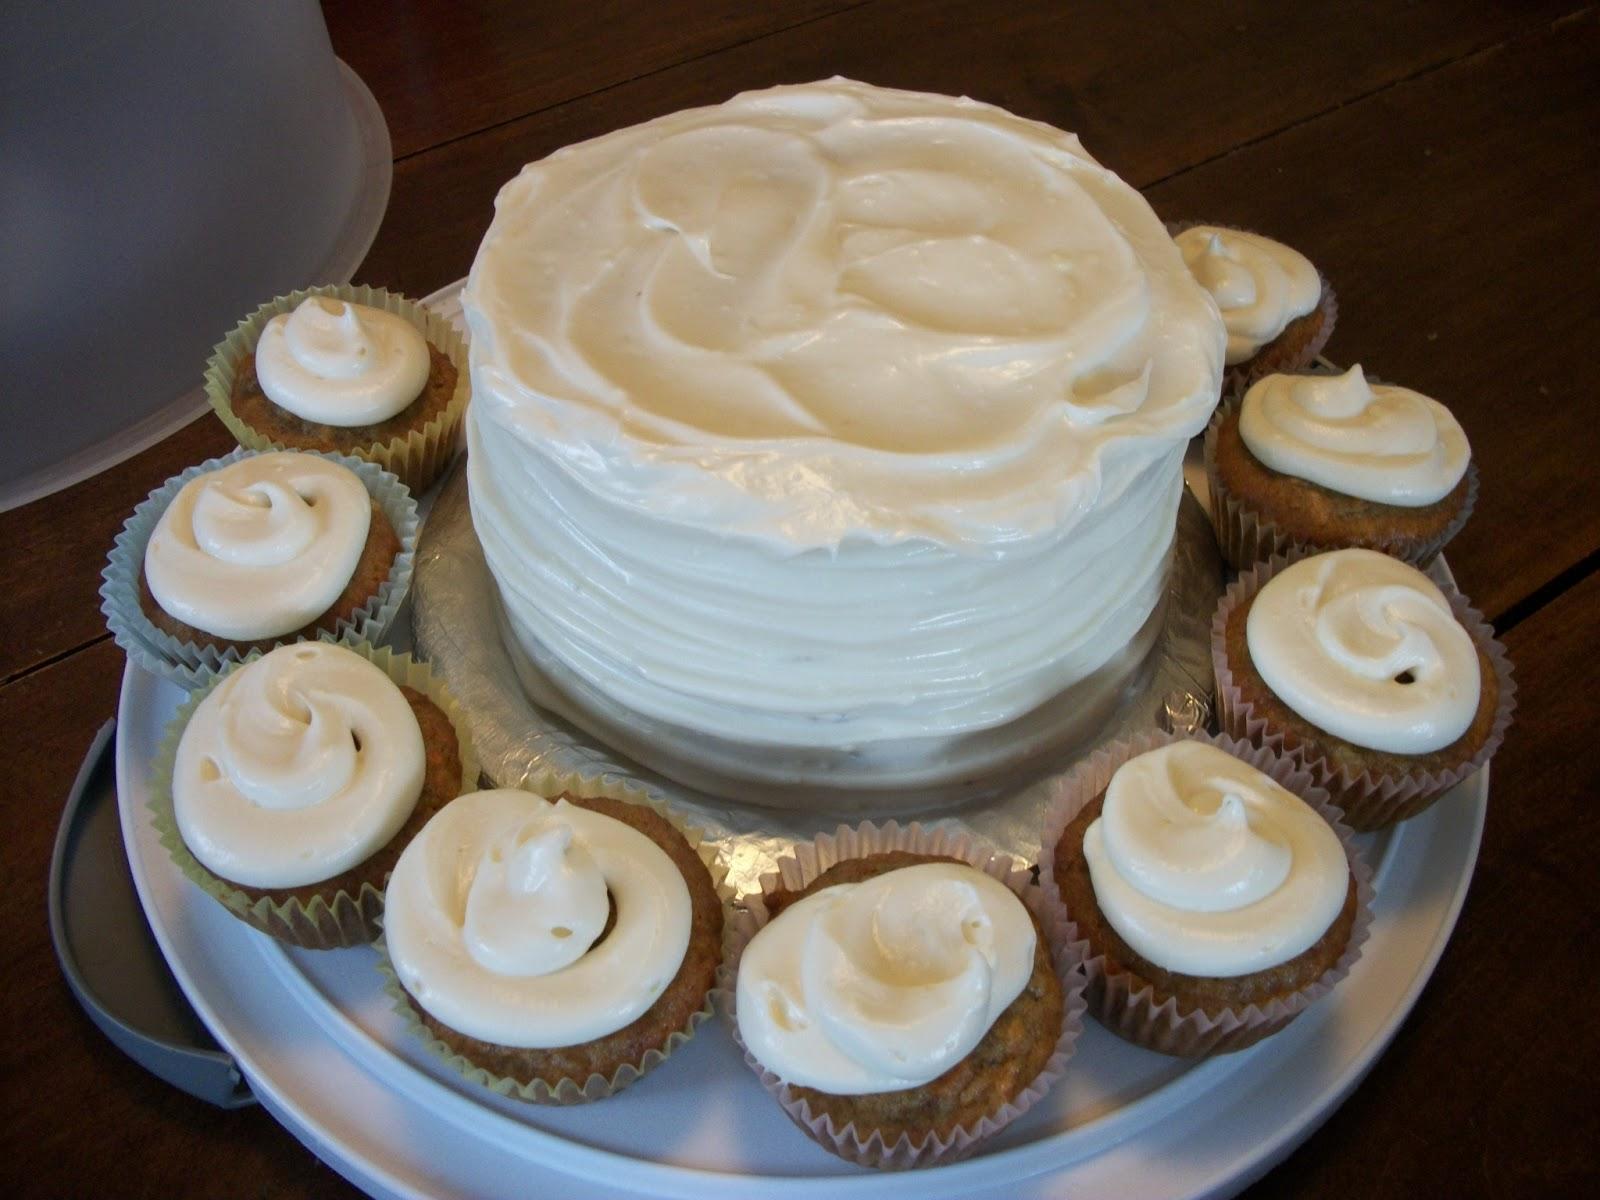 Sticky Gooey Creamy Chewy Carrot Cake